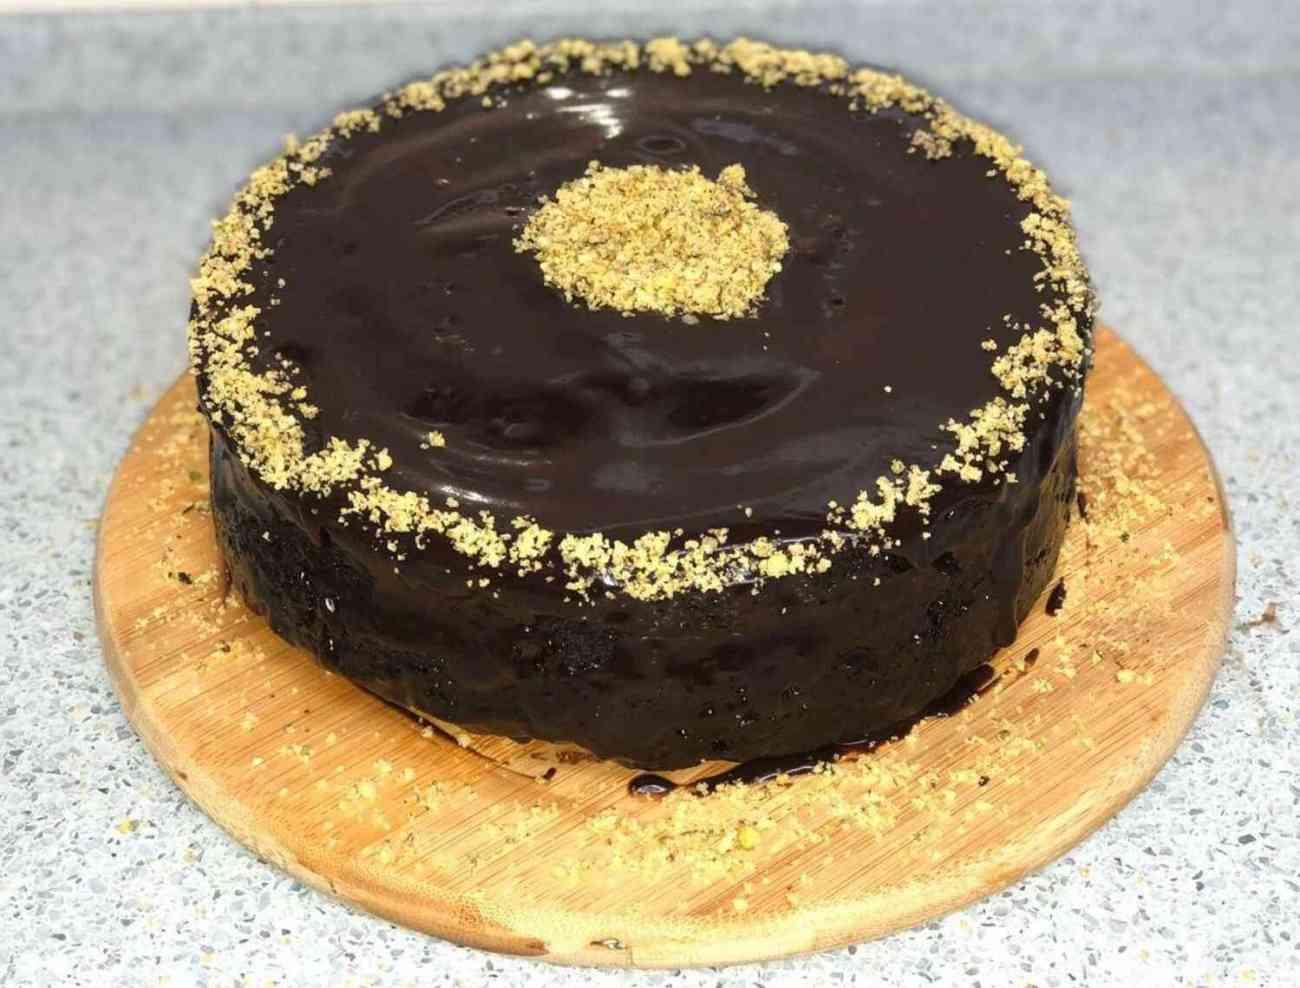 עוגת שוקולד כשרה לפסח במיקרוגל